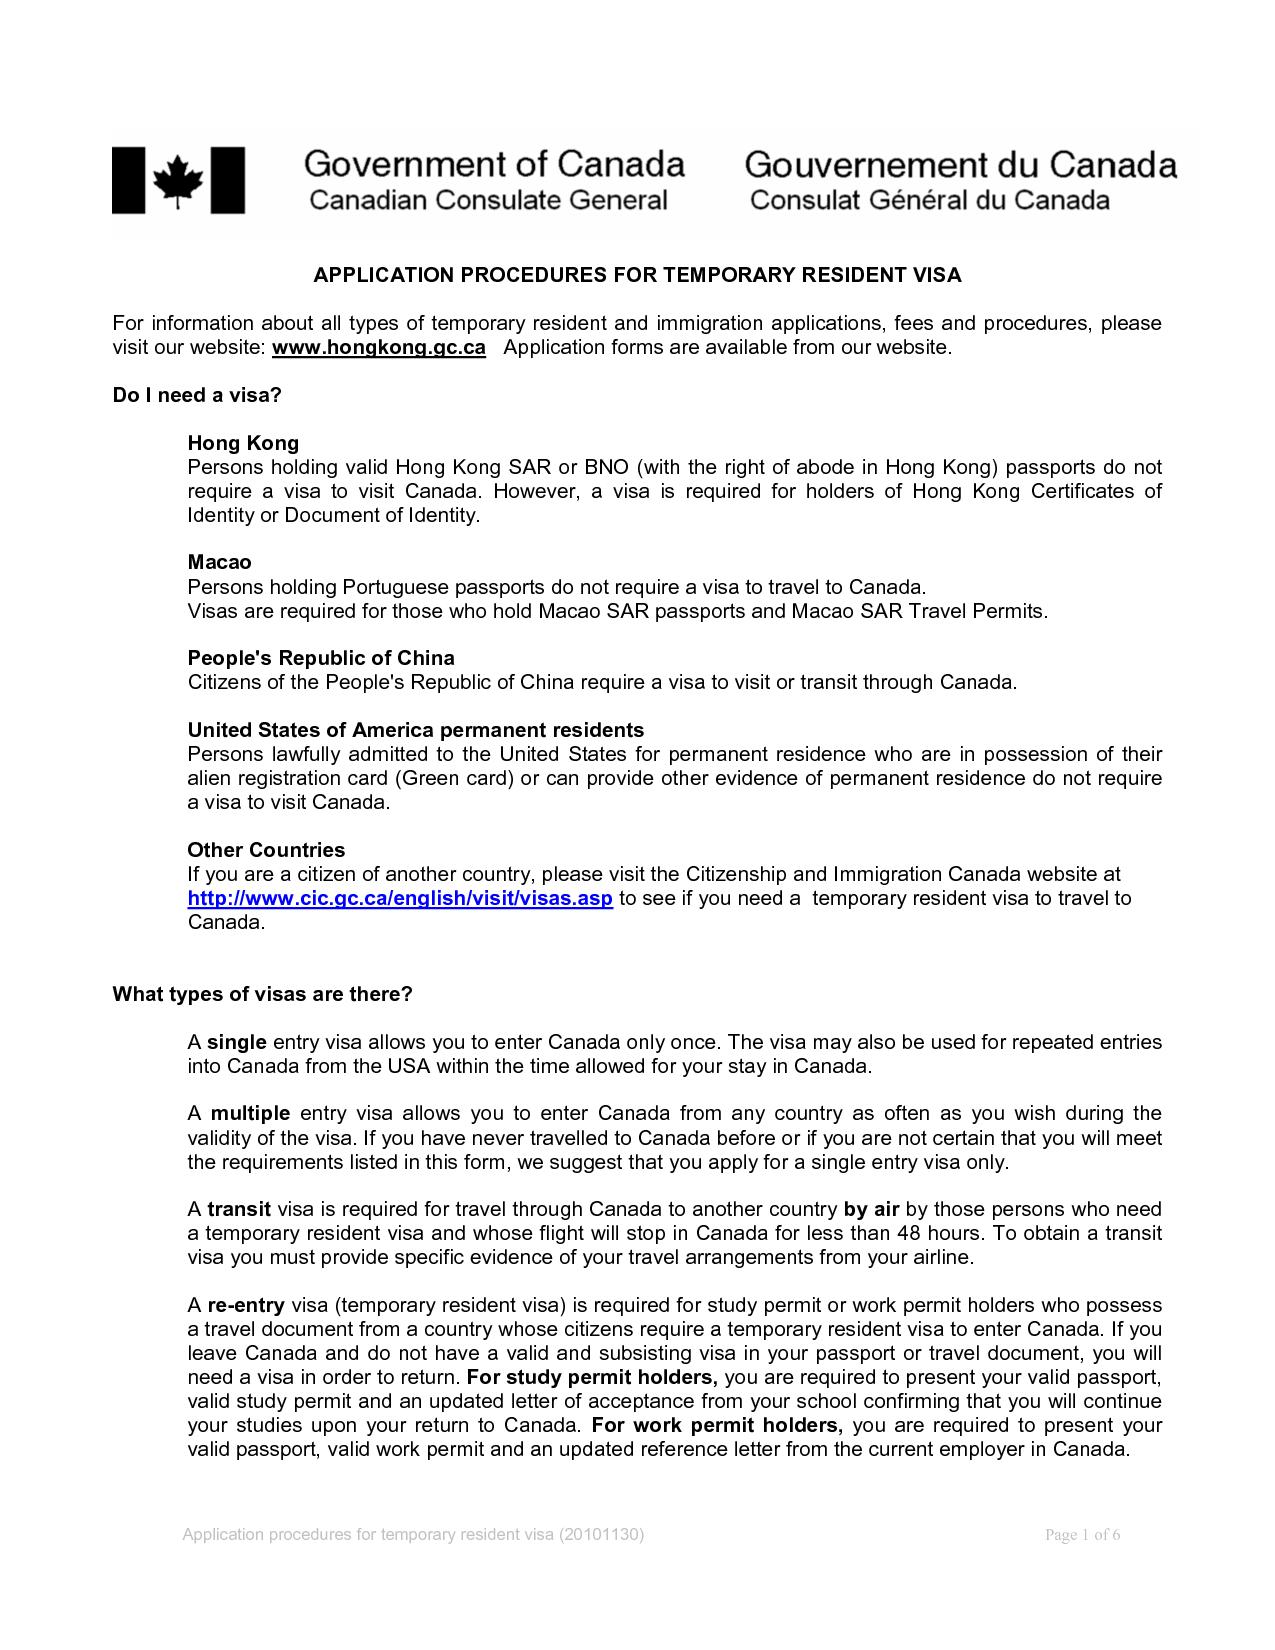 LETTER OF INVITATION FOR CANADIAN VISAVisa Invitation